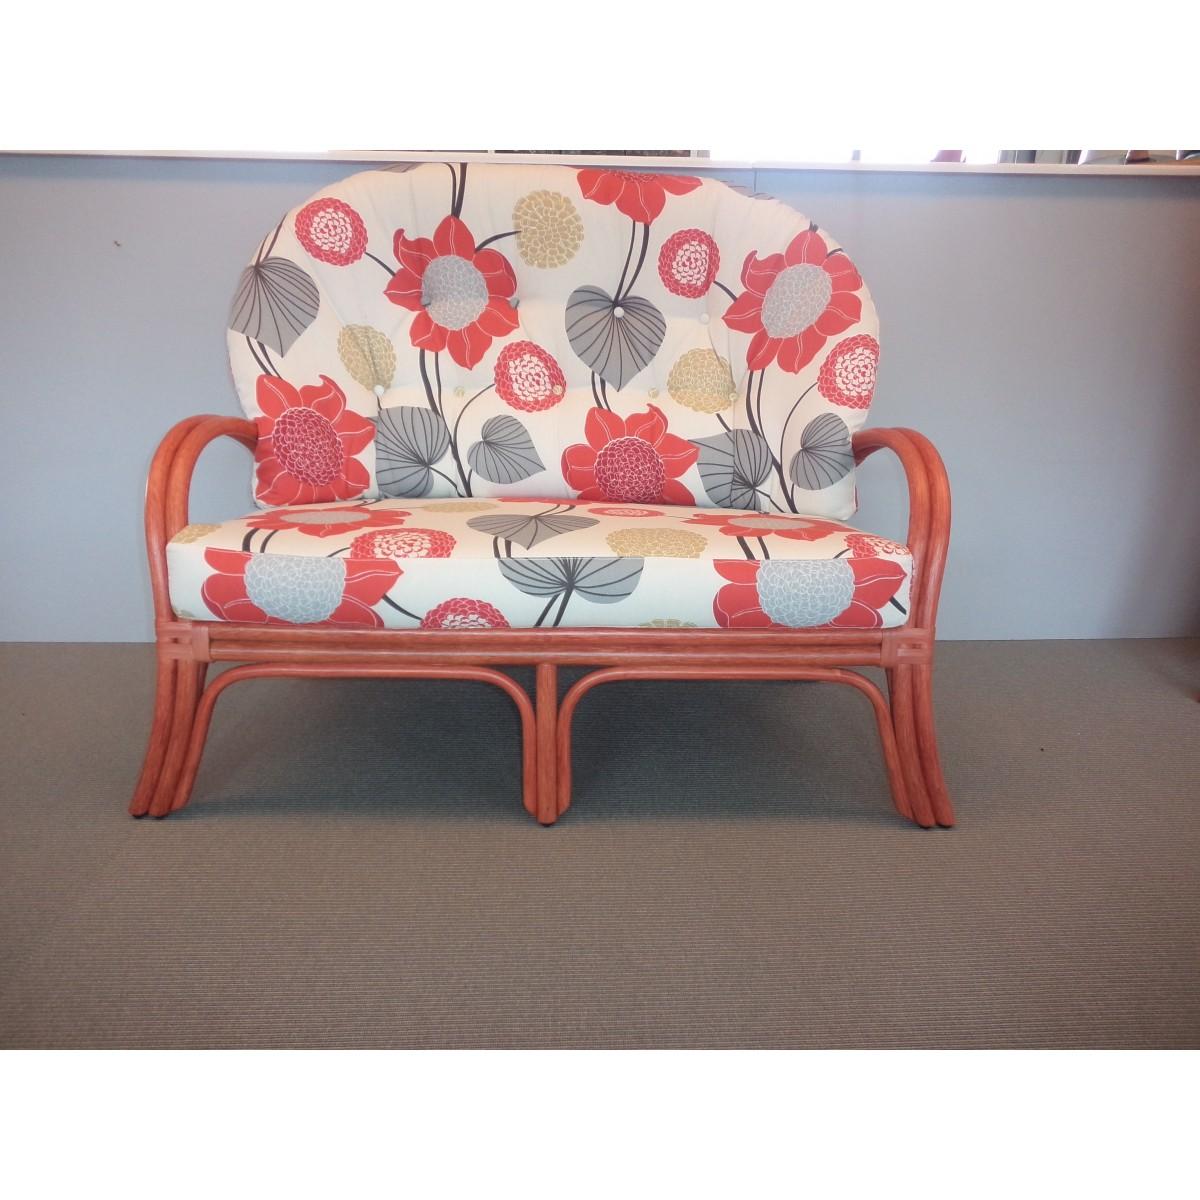 Canap 2 places en rotin sydney en coloris rouge - Canape 2 places rouge ...